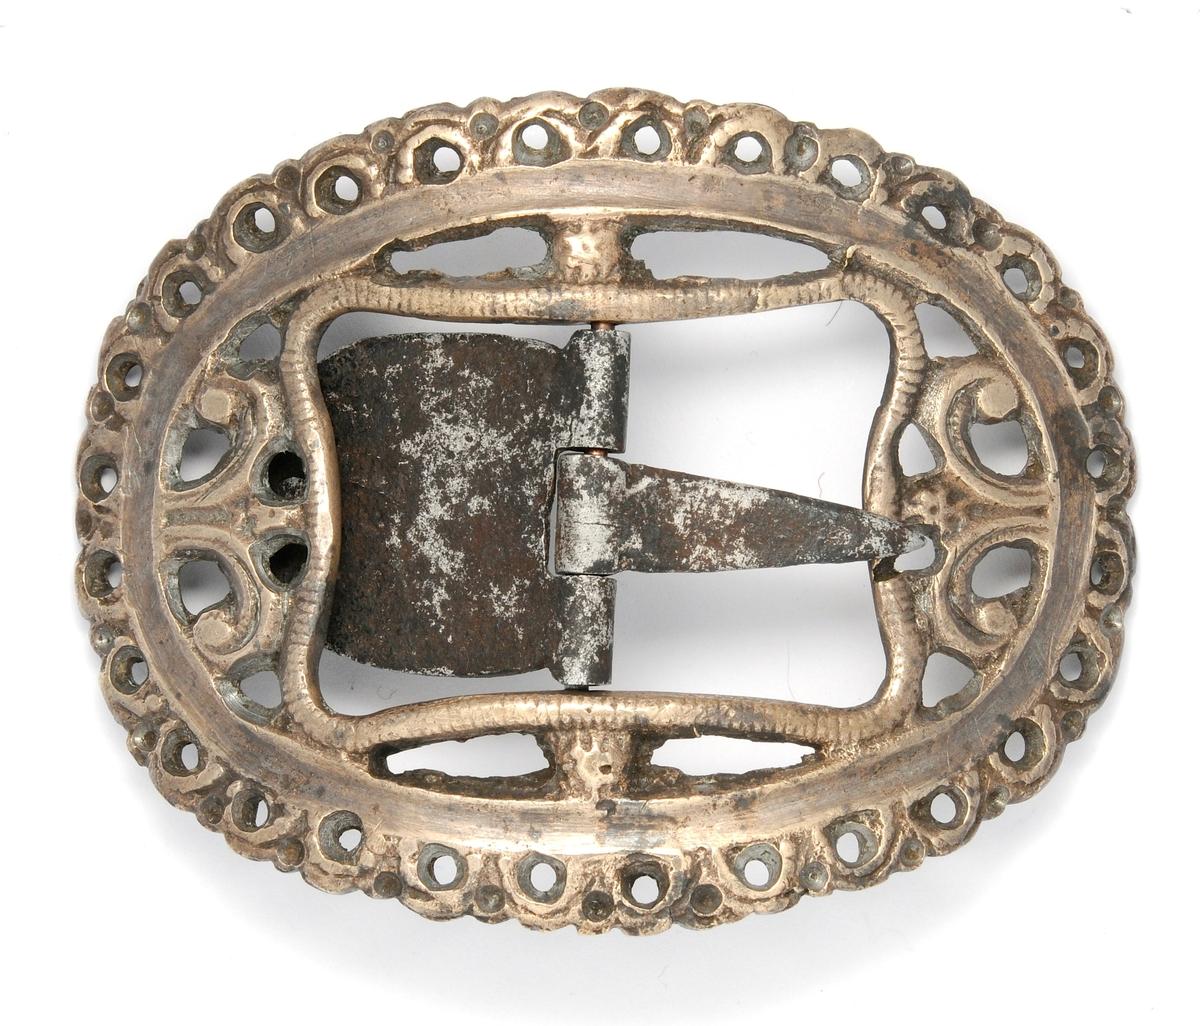 Spenne i messing, støypt med gjennombrote mønster.Tann, stolpe og kalv i smidd jern. Spenna er oval og konveks. Stolpe, tann og kalv i smidd jern. Pedant til VFF 02382.